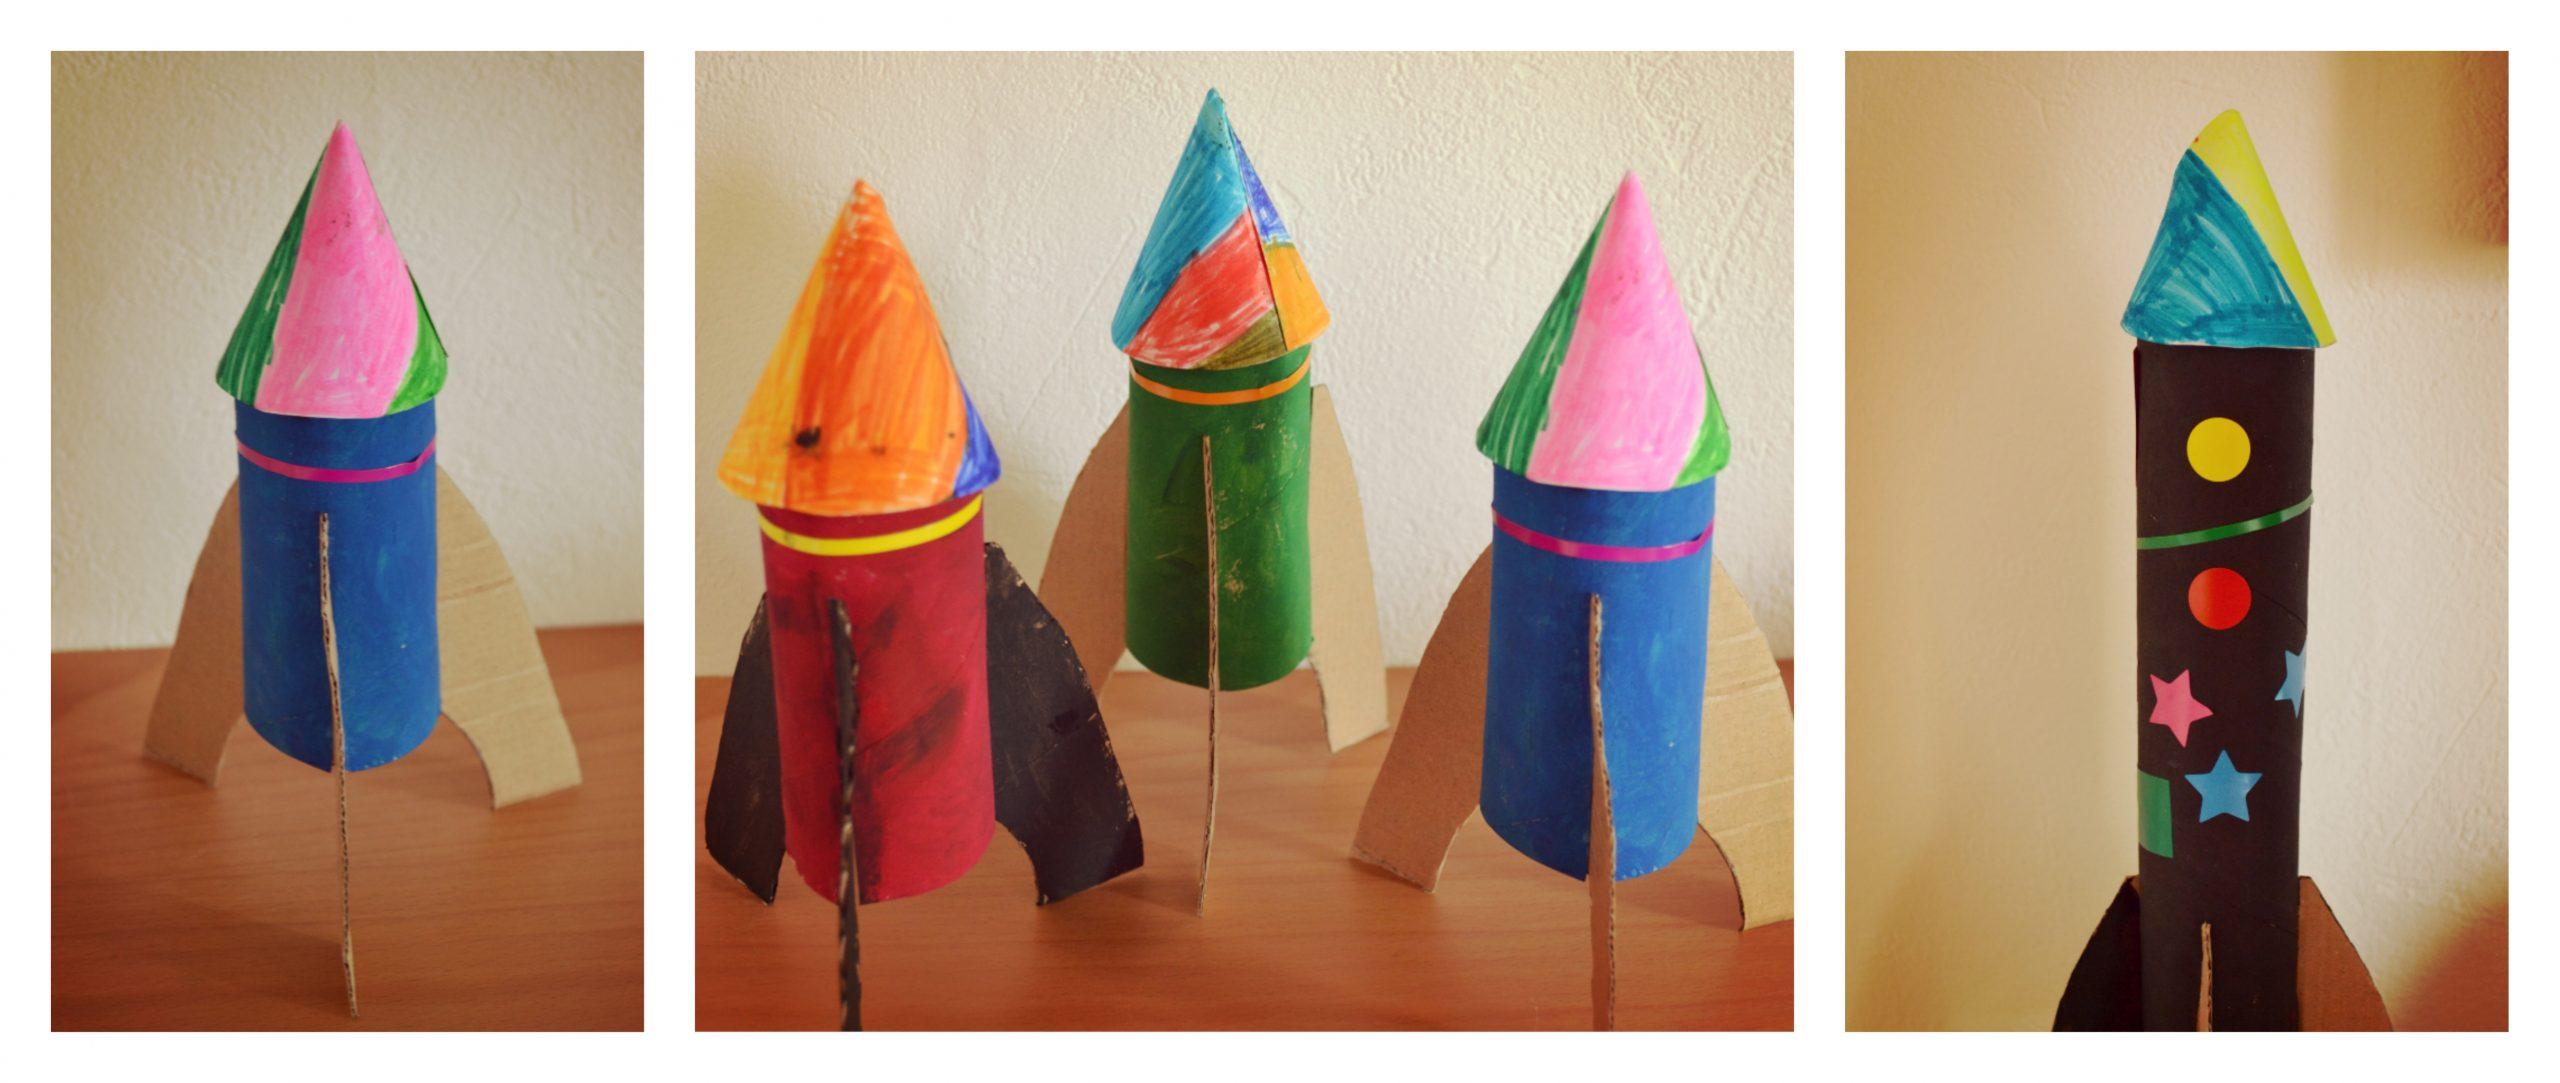 Fabriquer Une Fusée, Avec Des Rouleaux De Papier Toilette Ou pour Activité Manuelle Avec Des Allumettes